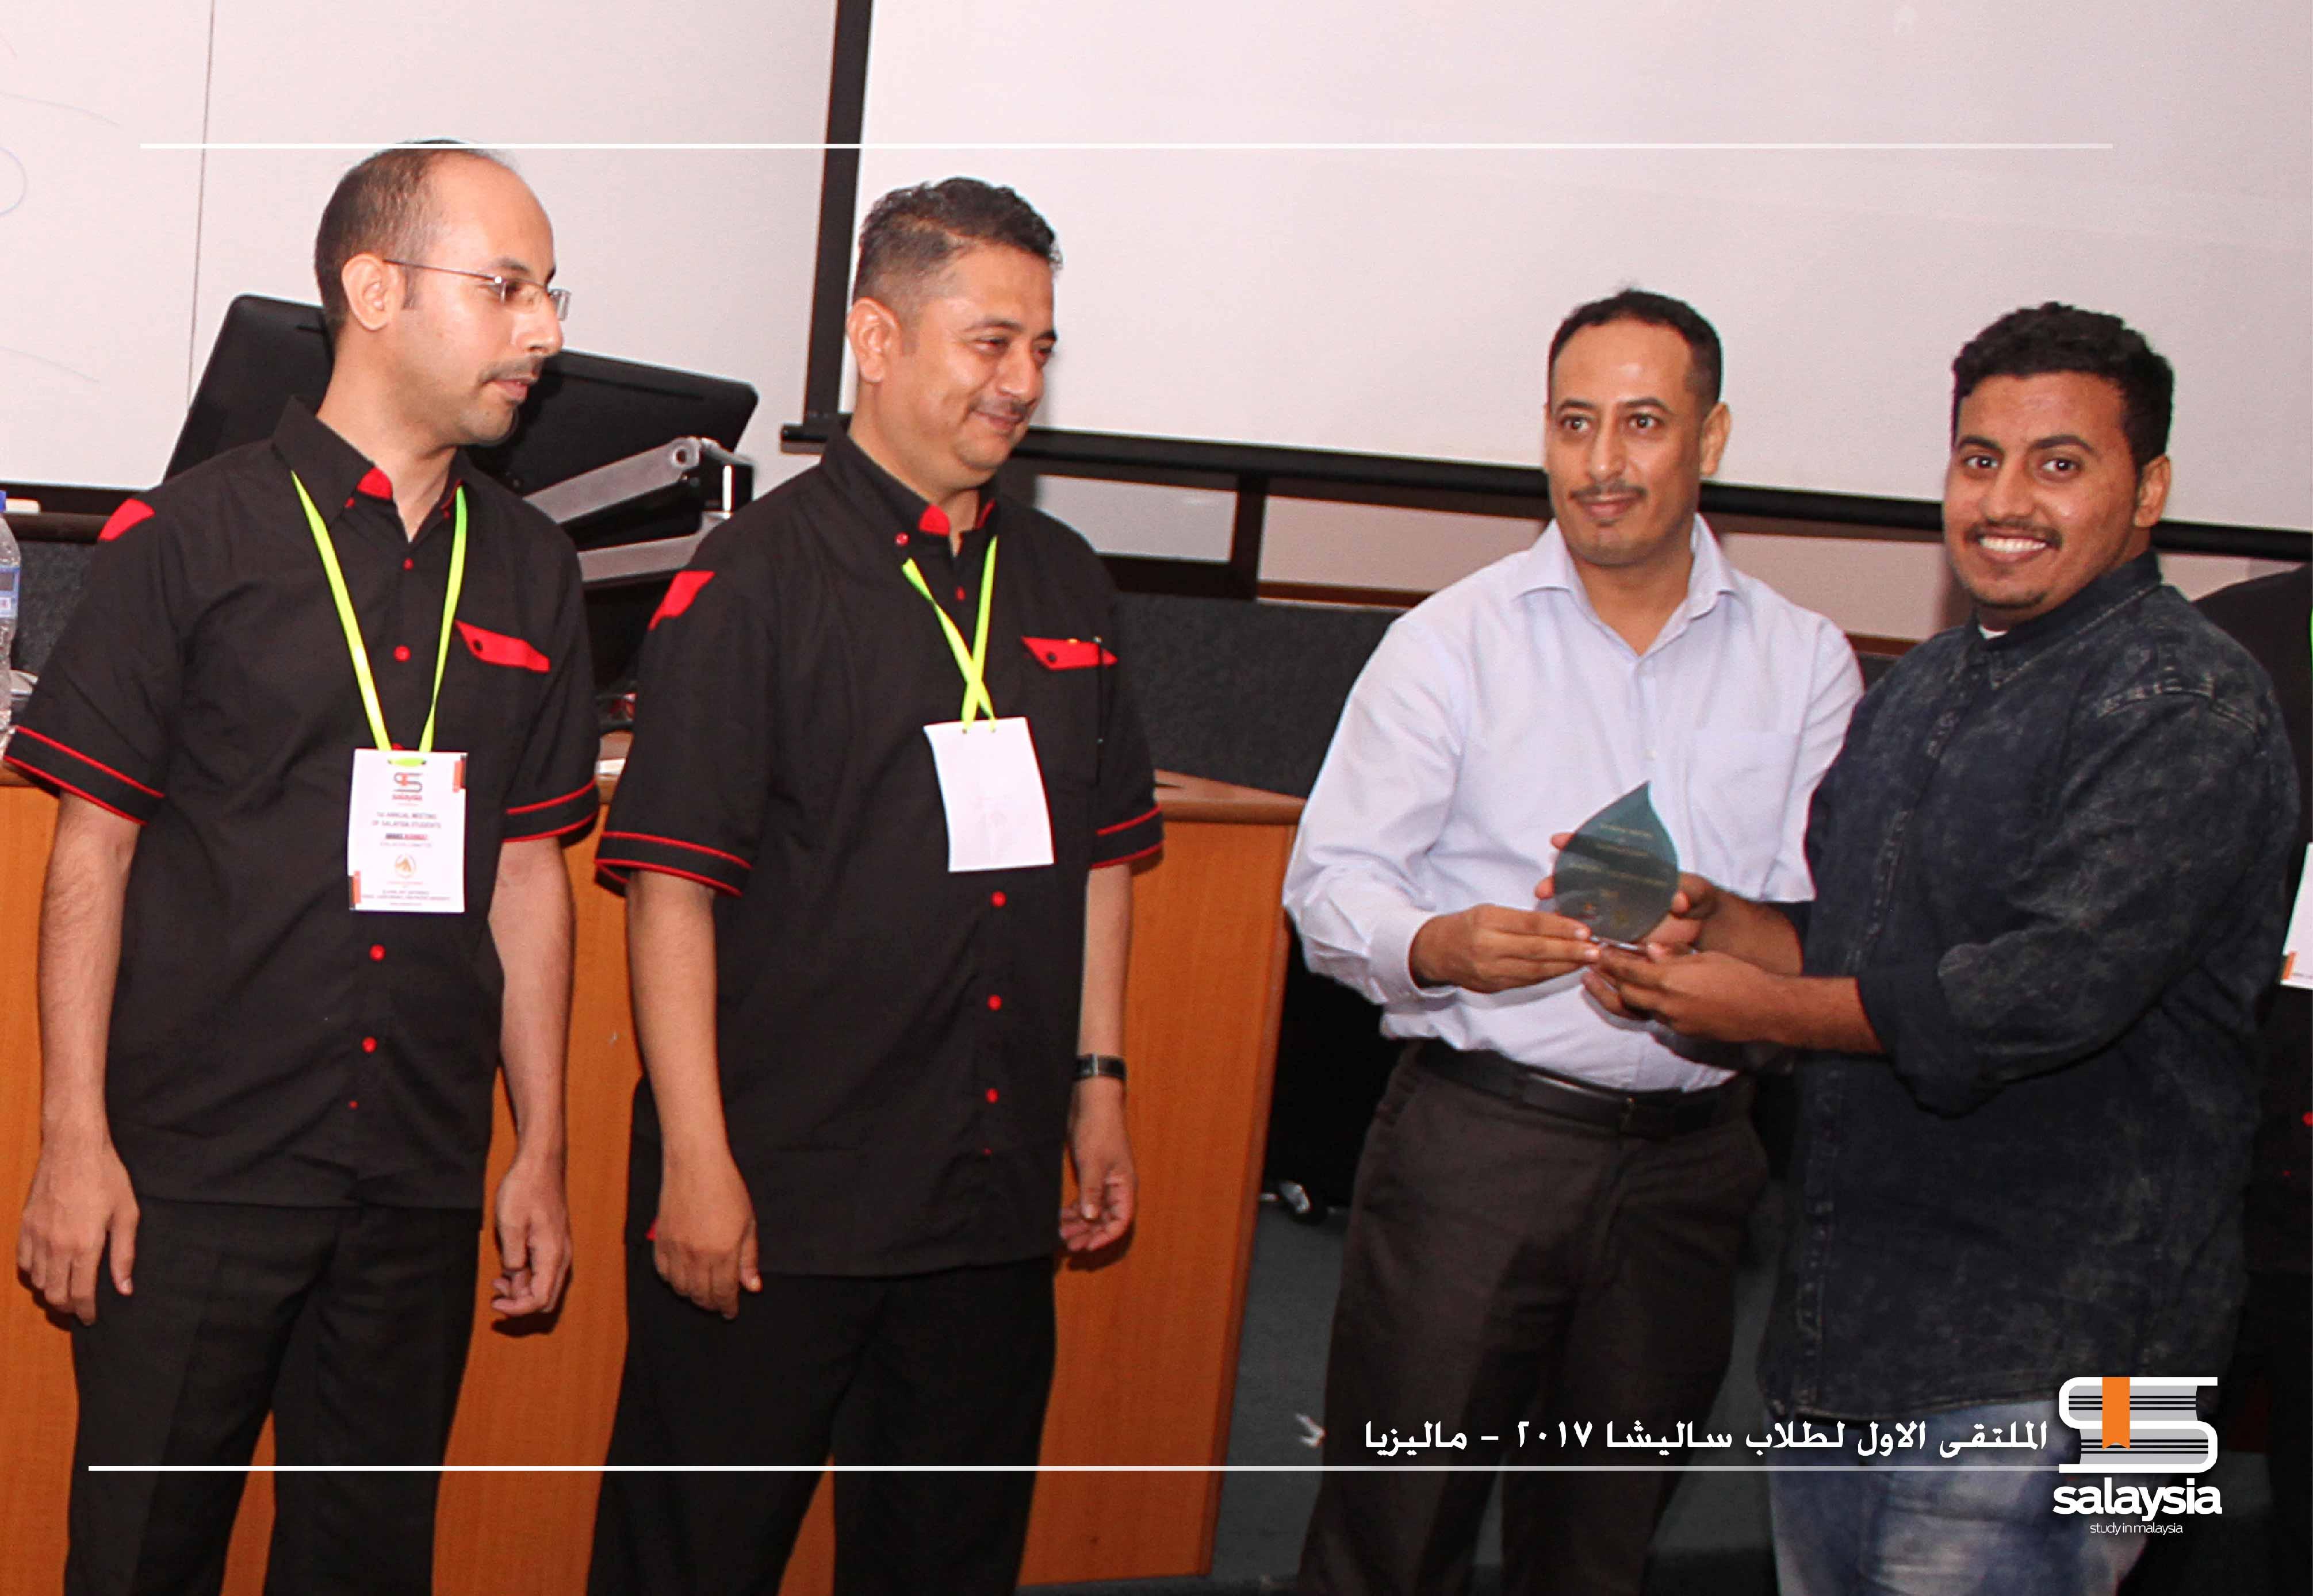 Academic Salaysia Award